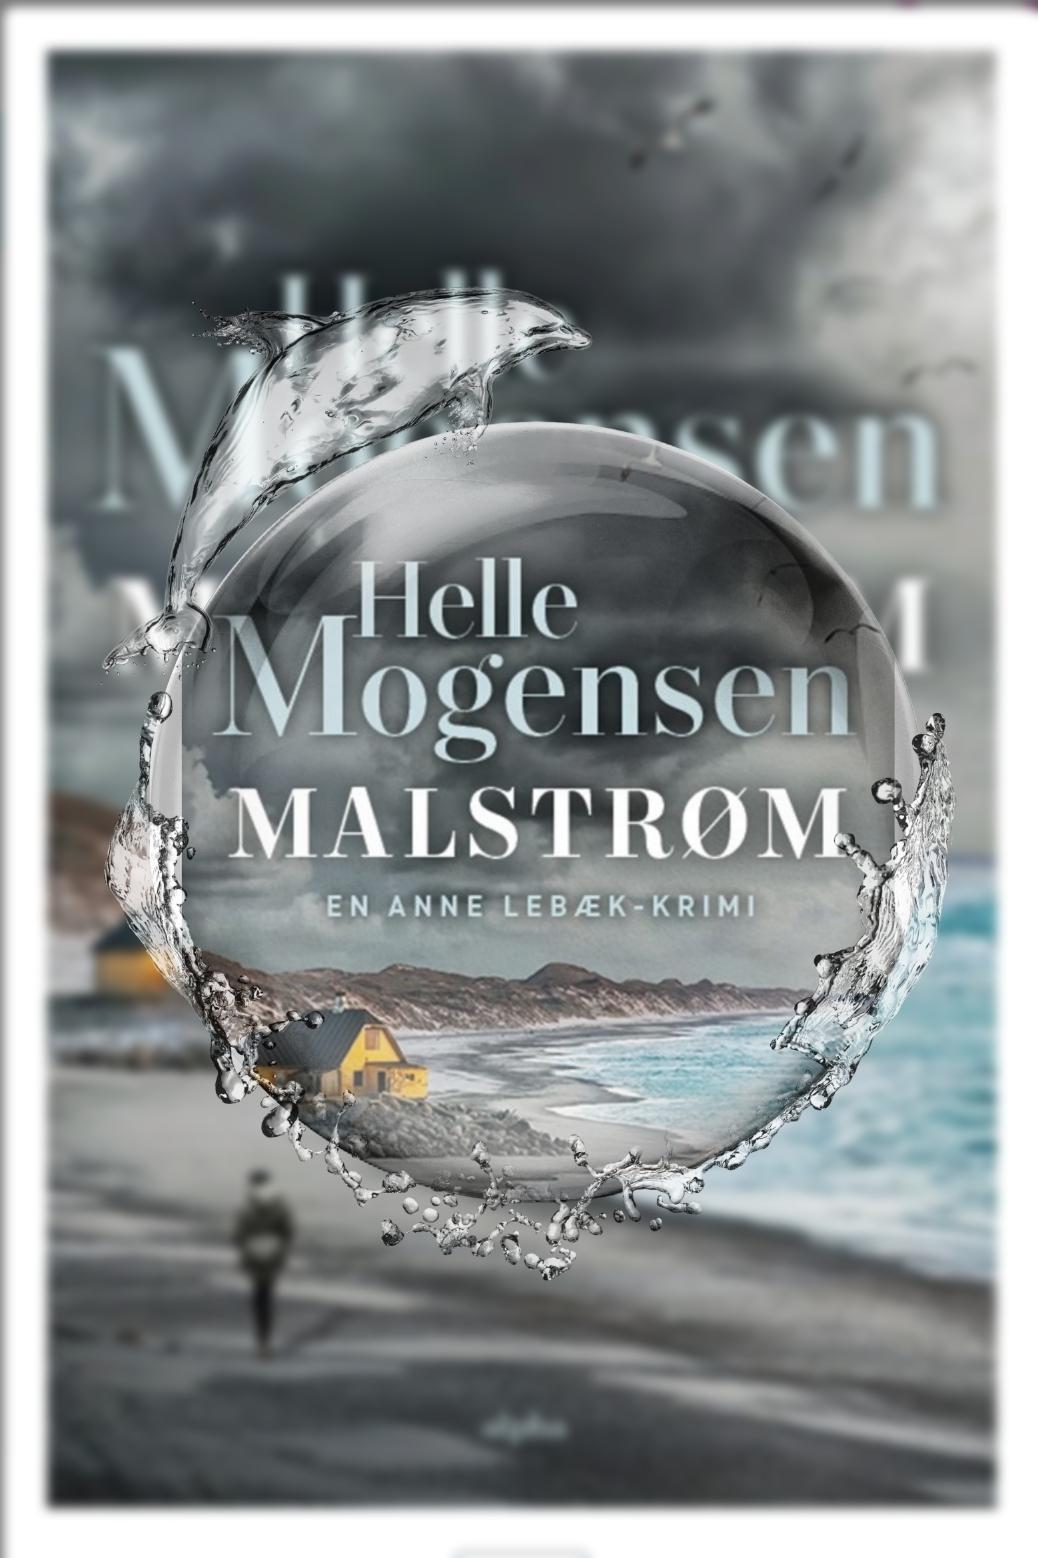 Malstrøm af Helle Mogensen (Anne Lebæk #2)